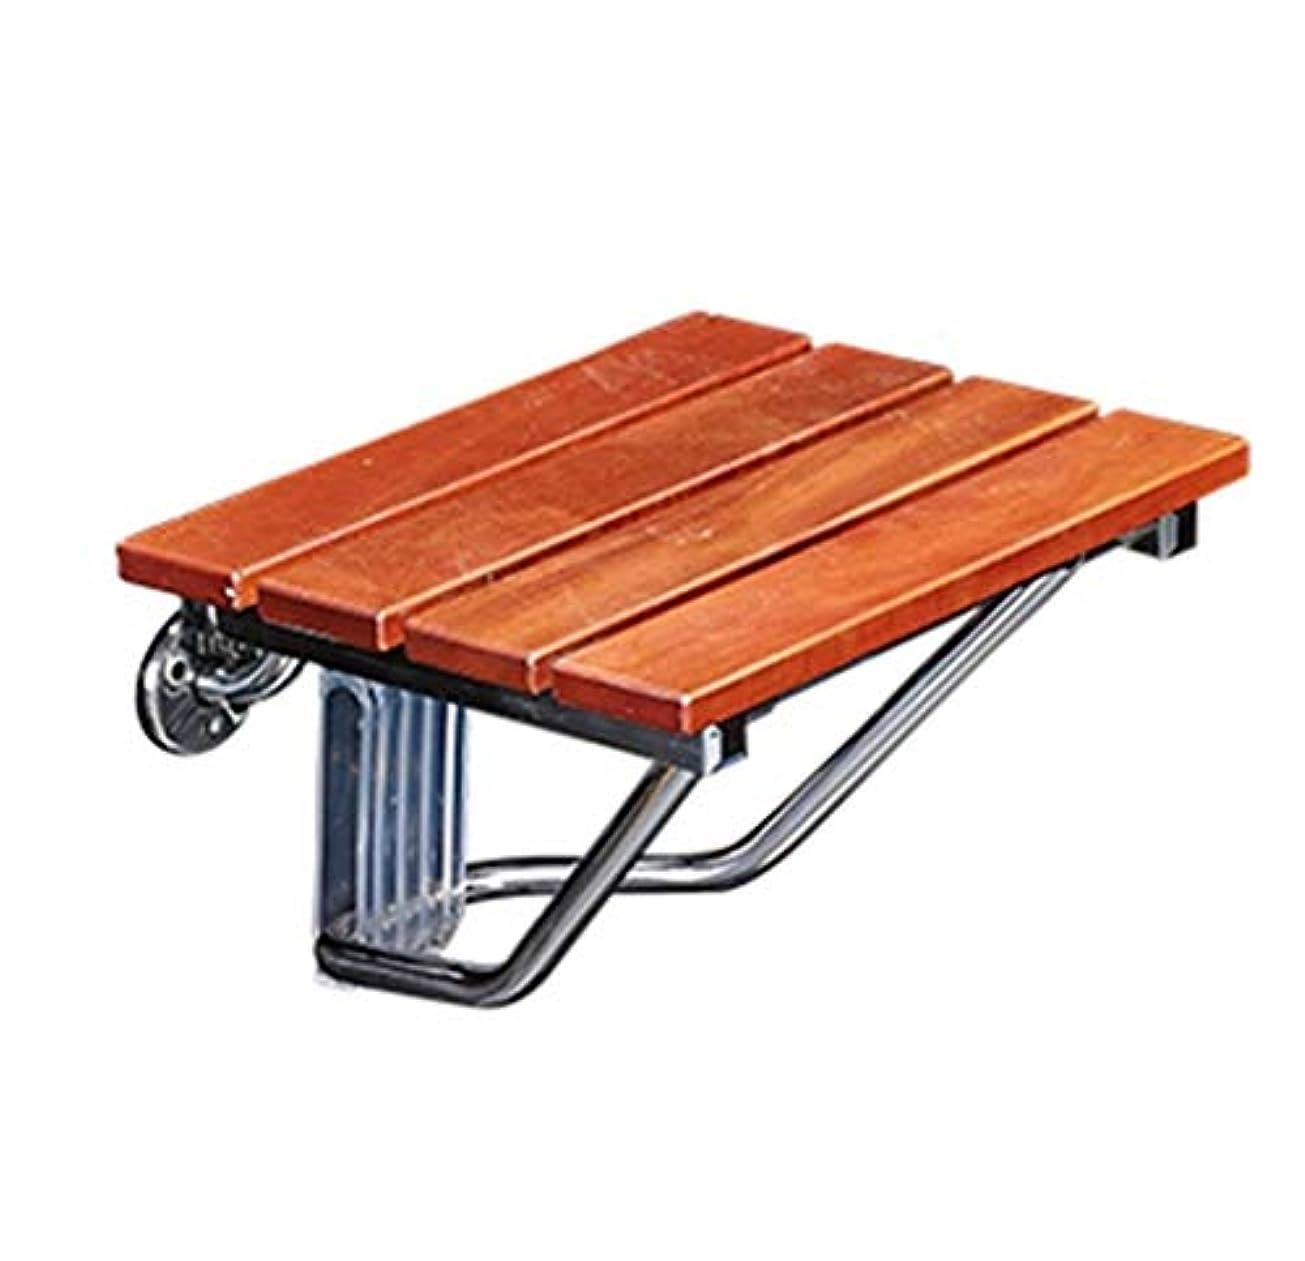 小切手健康取り除く折り畳み式の壁のシャワーの腰掛け、壁に取り付けられた木製の折りたたみ式のシャワーの座席木製の変更は高齢者/身体障害者のスリップ防止シャワーの椅子のために腰掛け